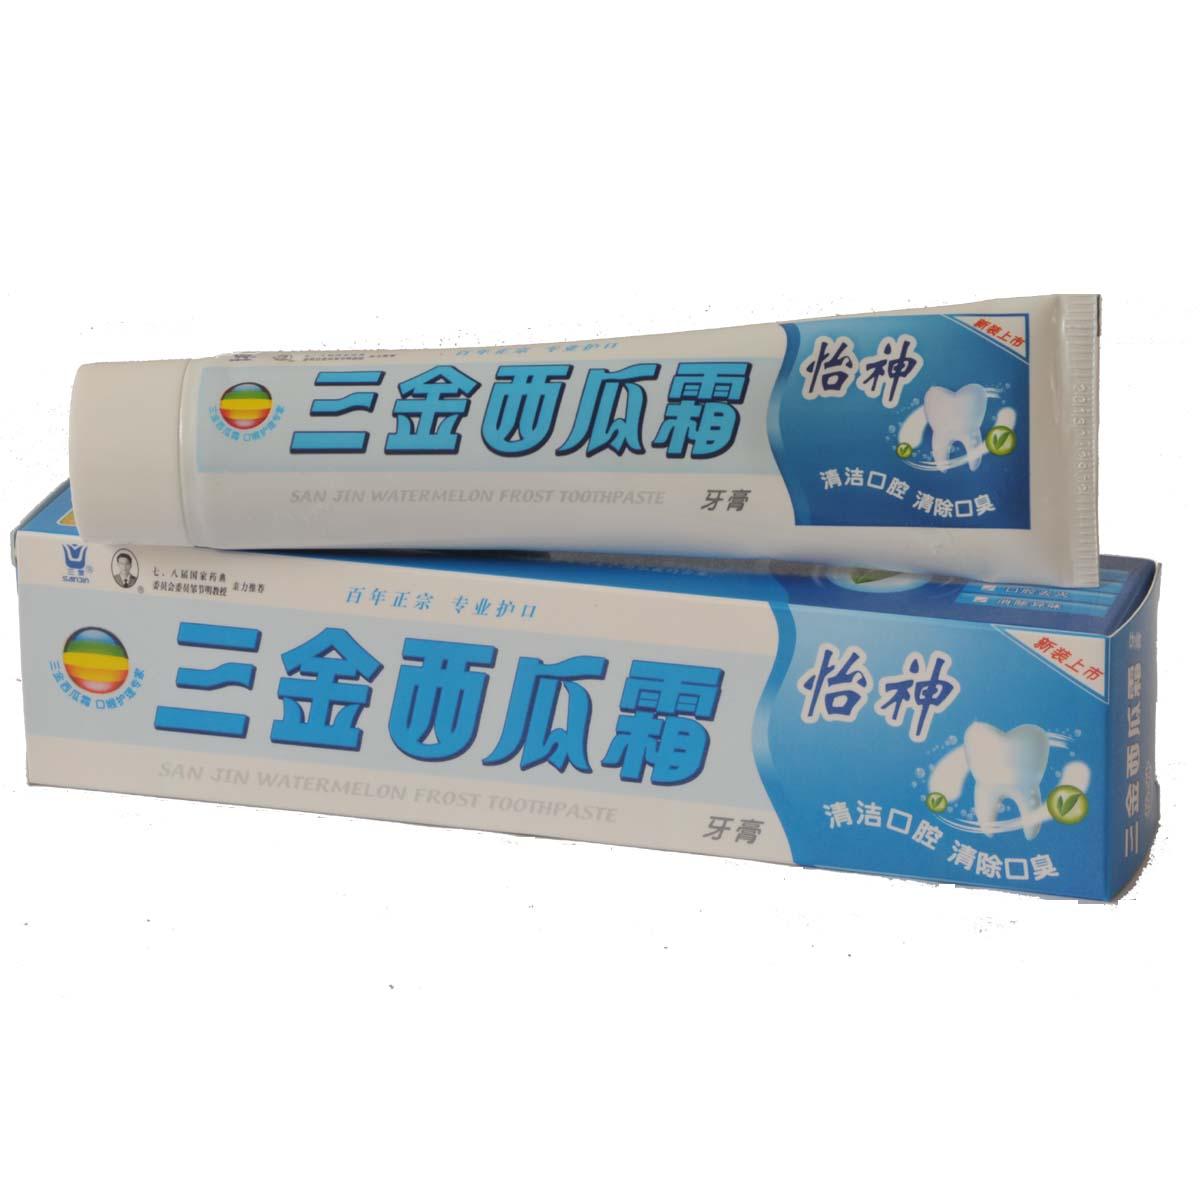 三金西瓜霜-怡神牙膏